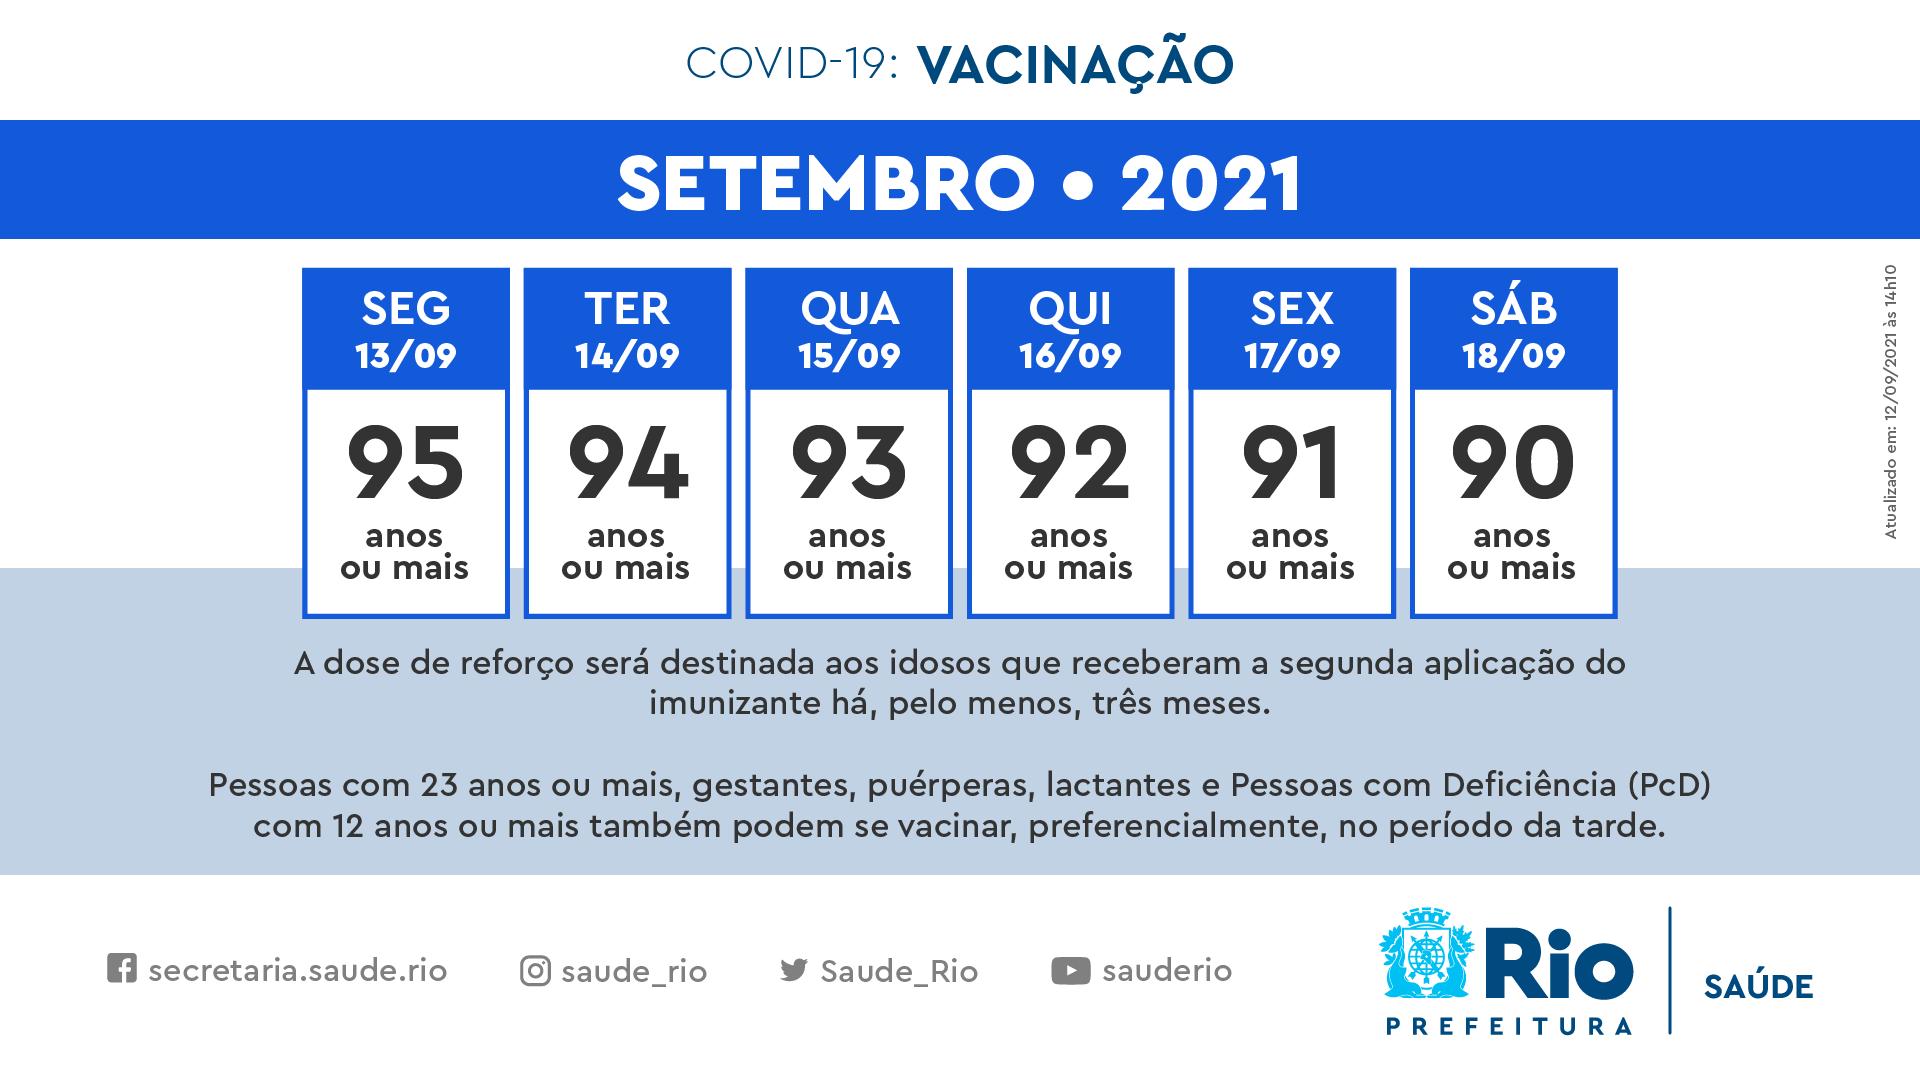 Calendário de vacinação com as doses de reforço na cidade do Rio